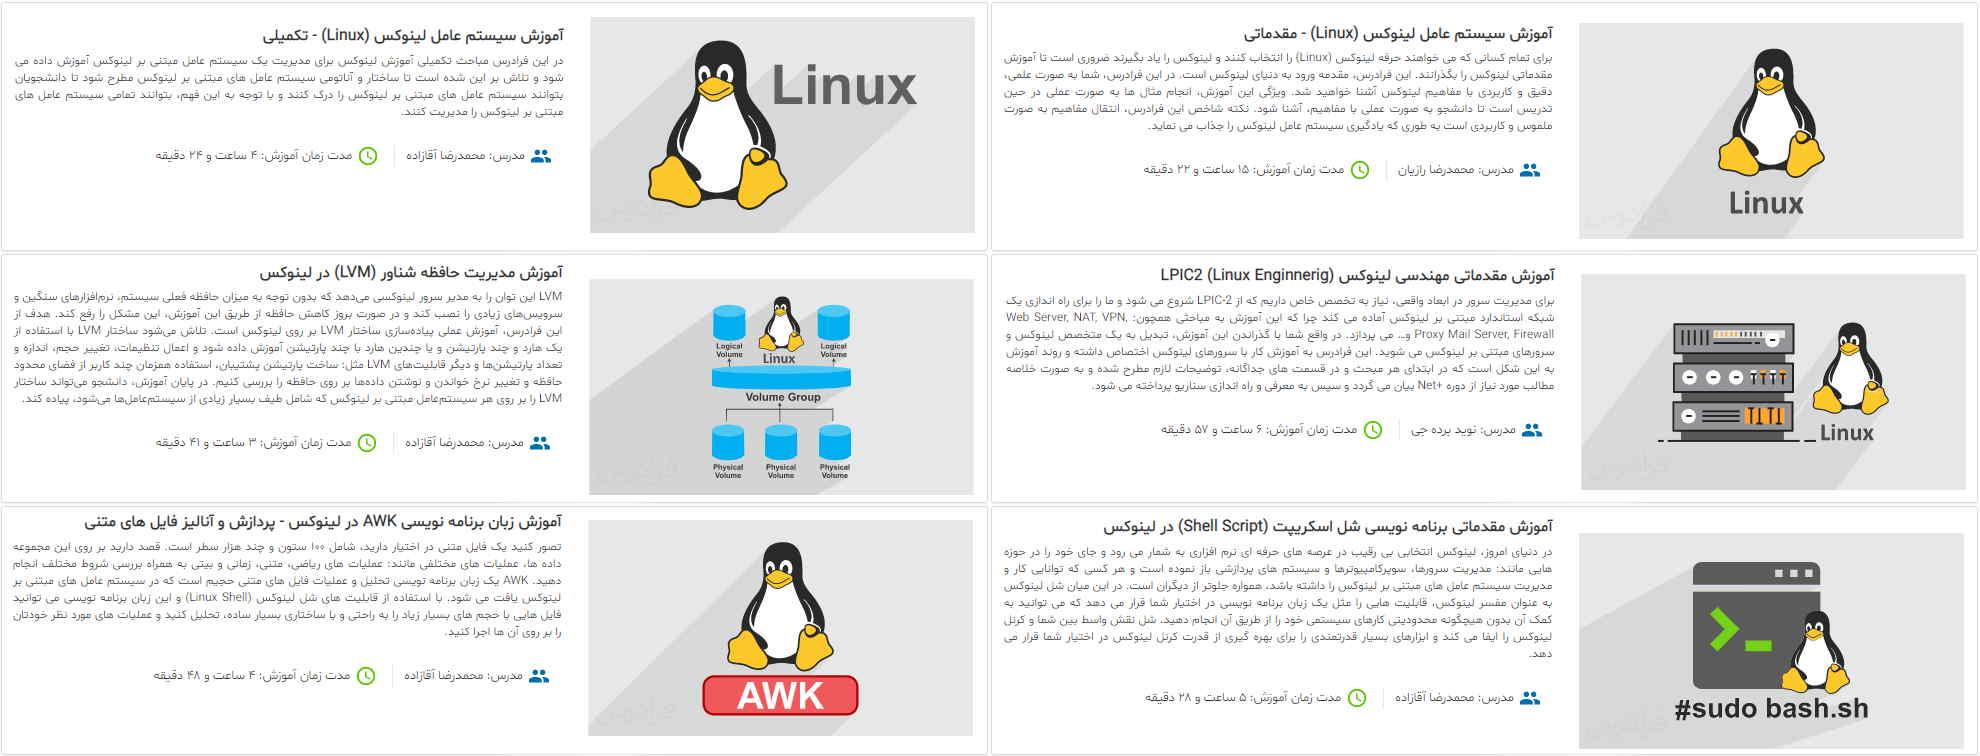 تصویر مربوط به معرفی فیلم های آموزش لینوکس فرادرس در مقاله داکر چیست یا Docker چیست